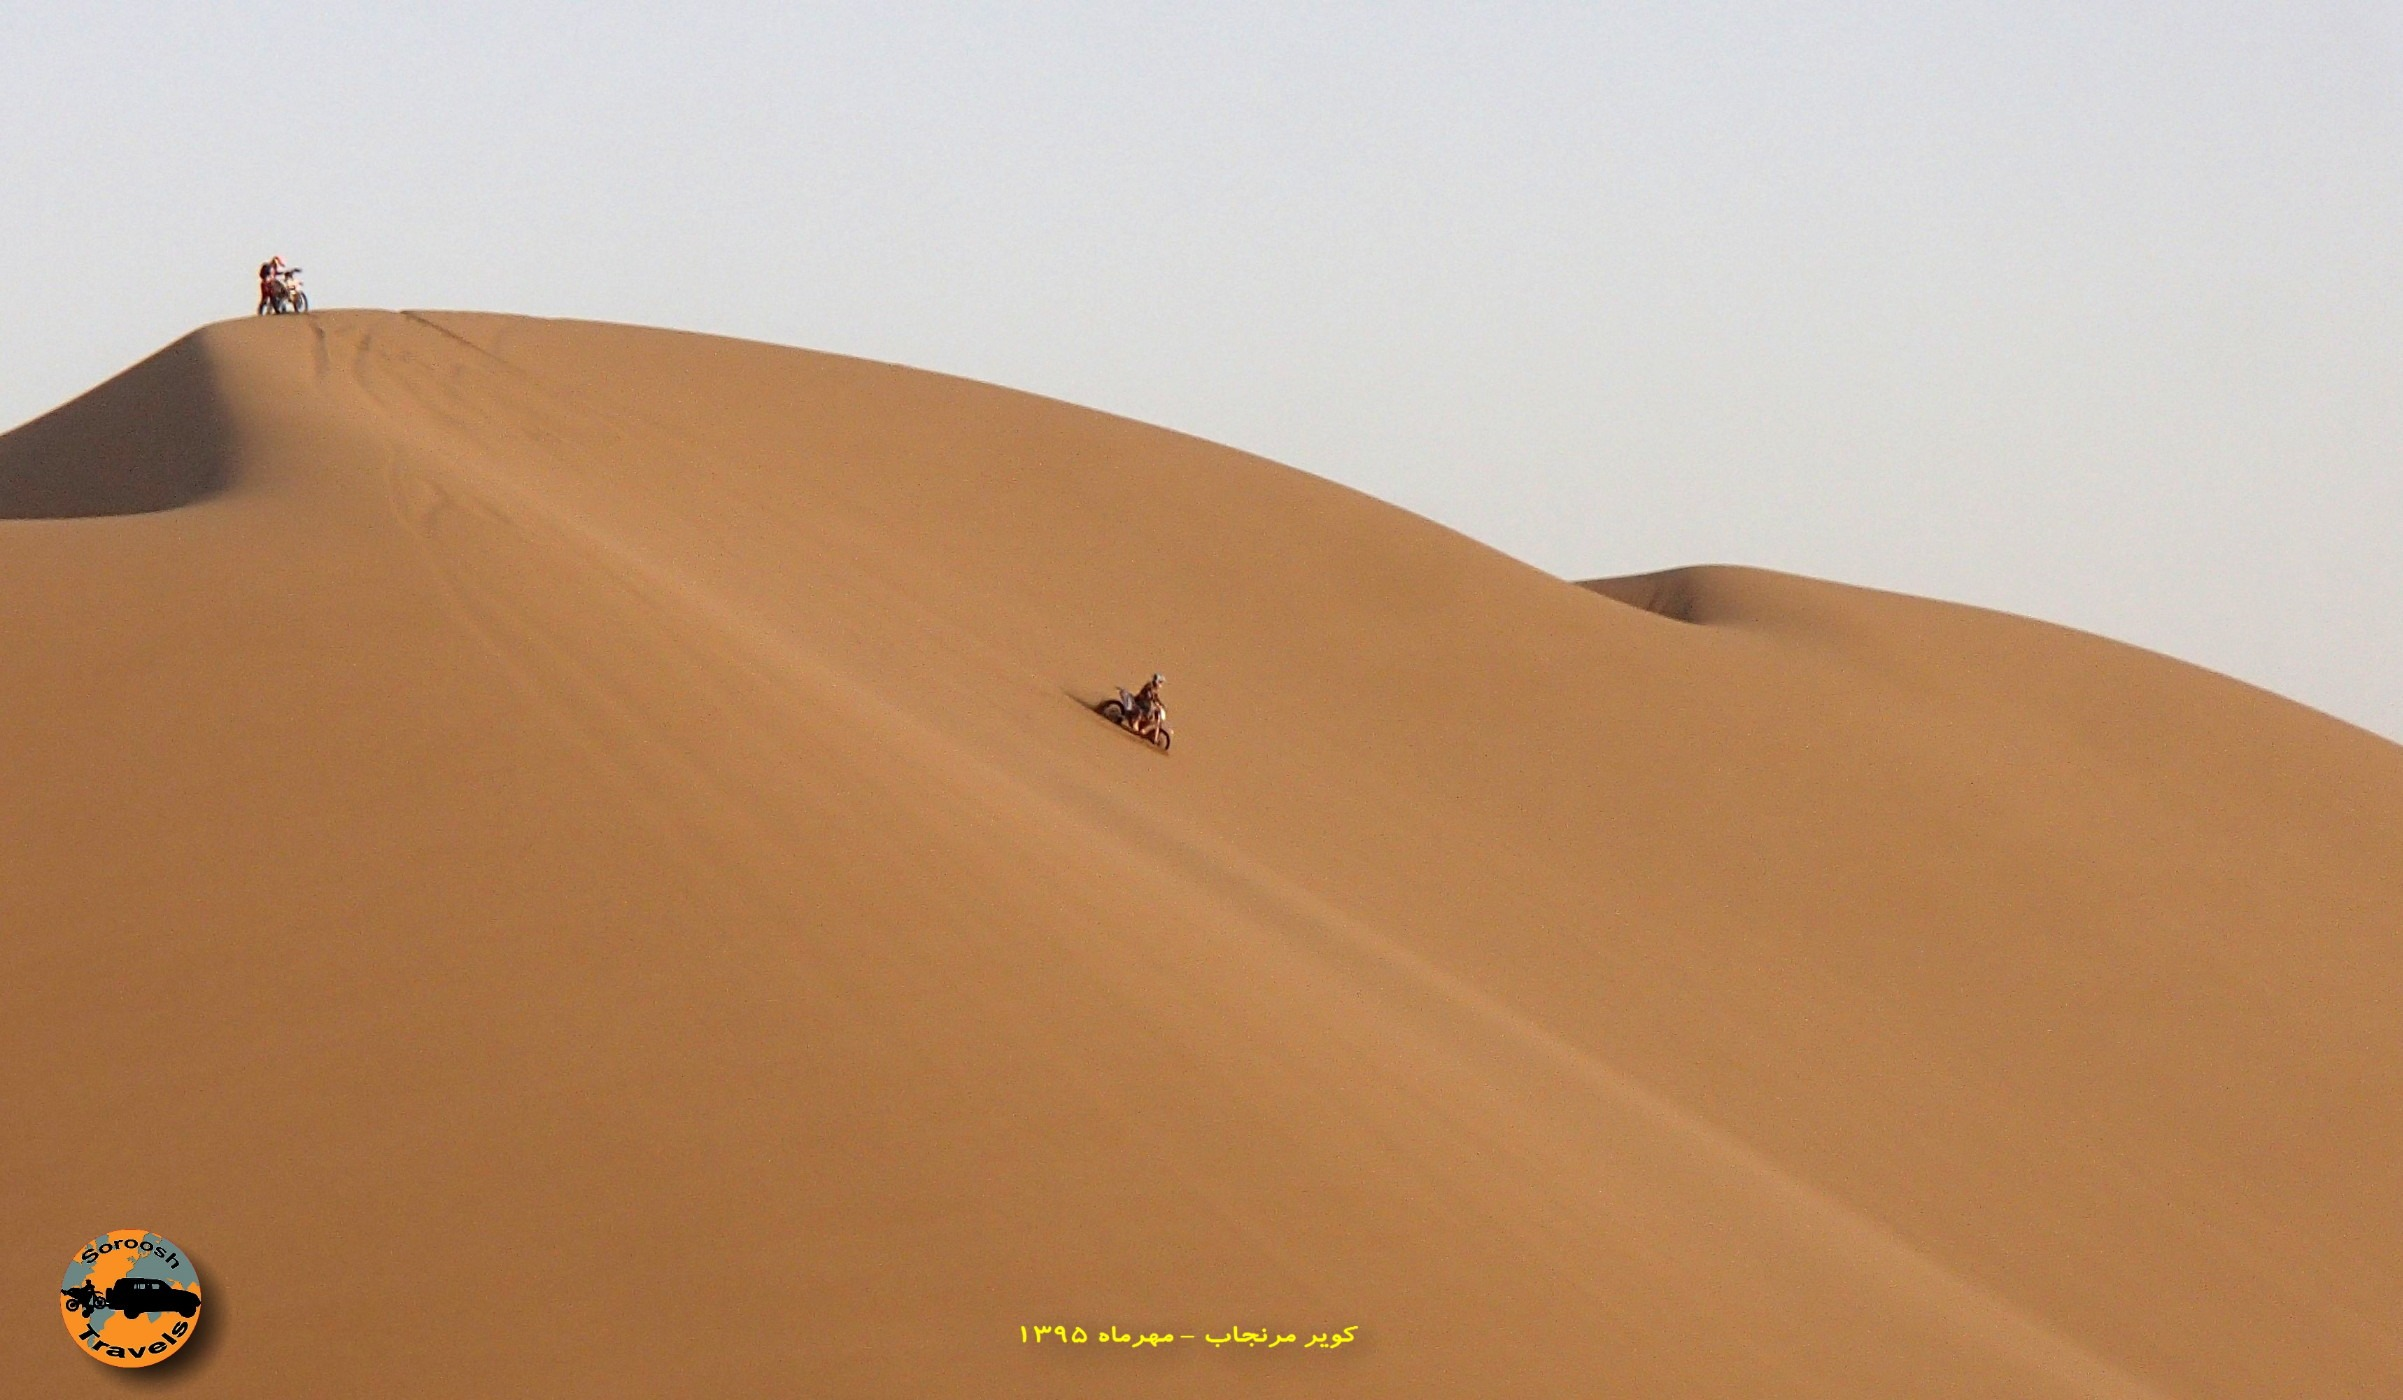 بر فراز دریایی از شن و ماسه - آفرود در مرنجاب - مهرماه ۱۳۹۵